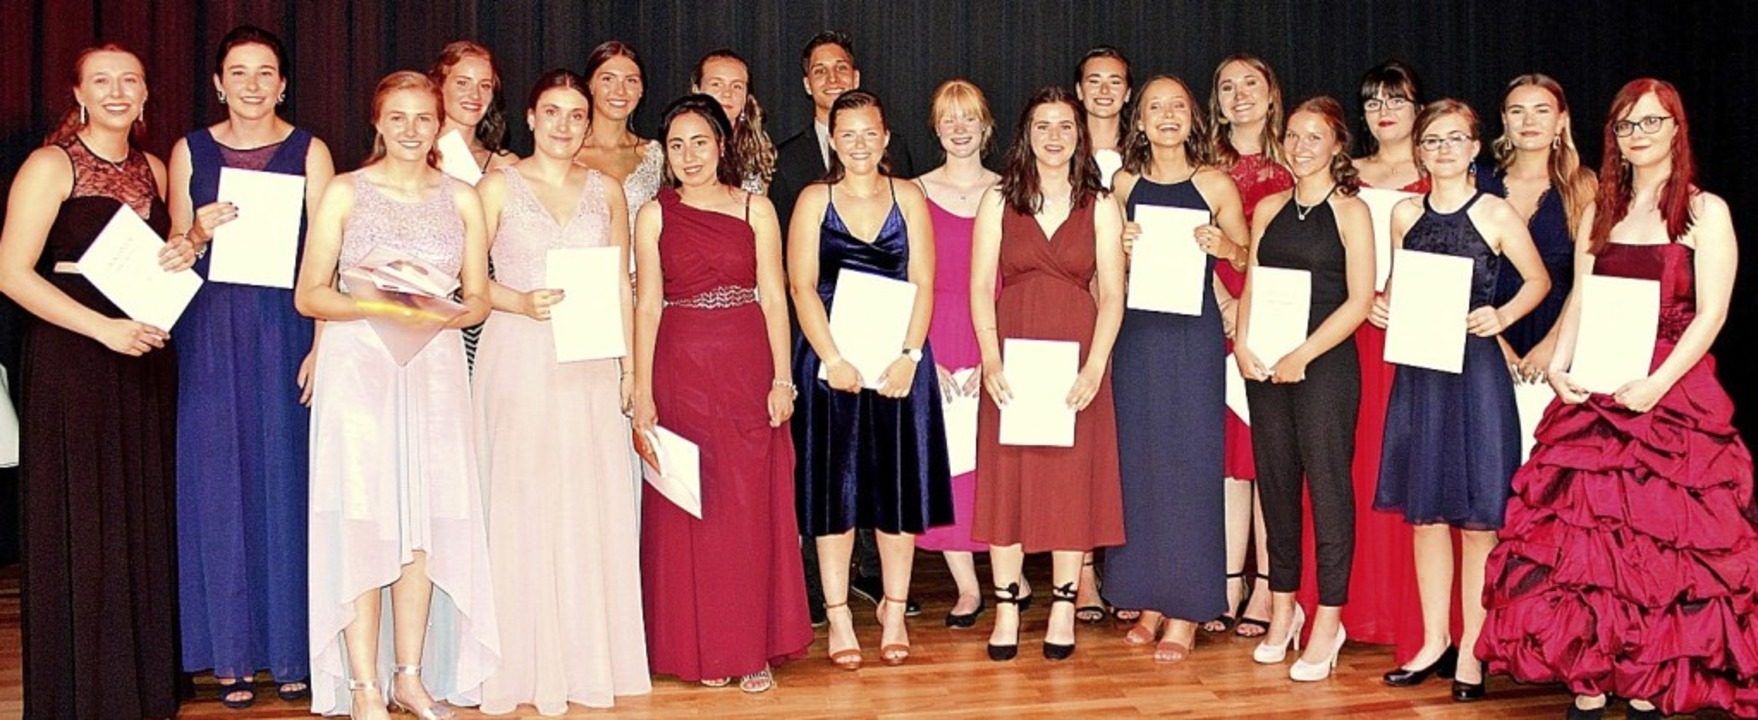 Die besten Absolventen des Abiturjahrgangs 2019 an der Mathilde-Planck-Schule   | Foto: Schule